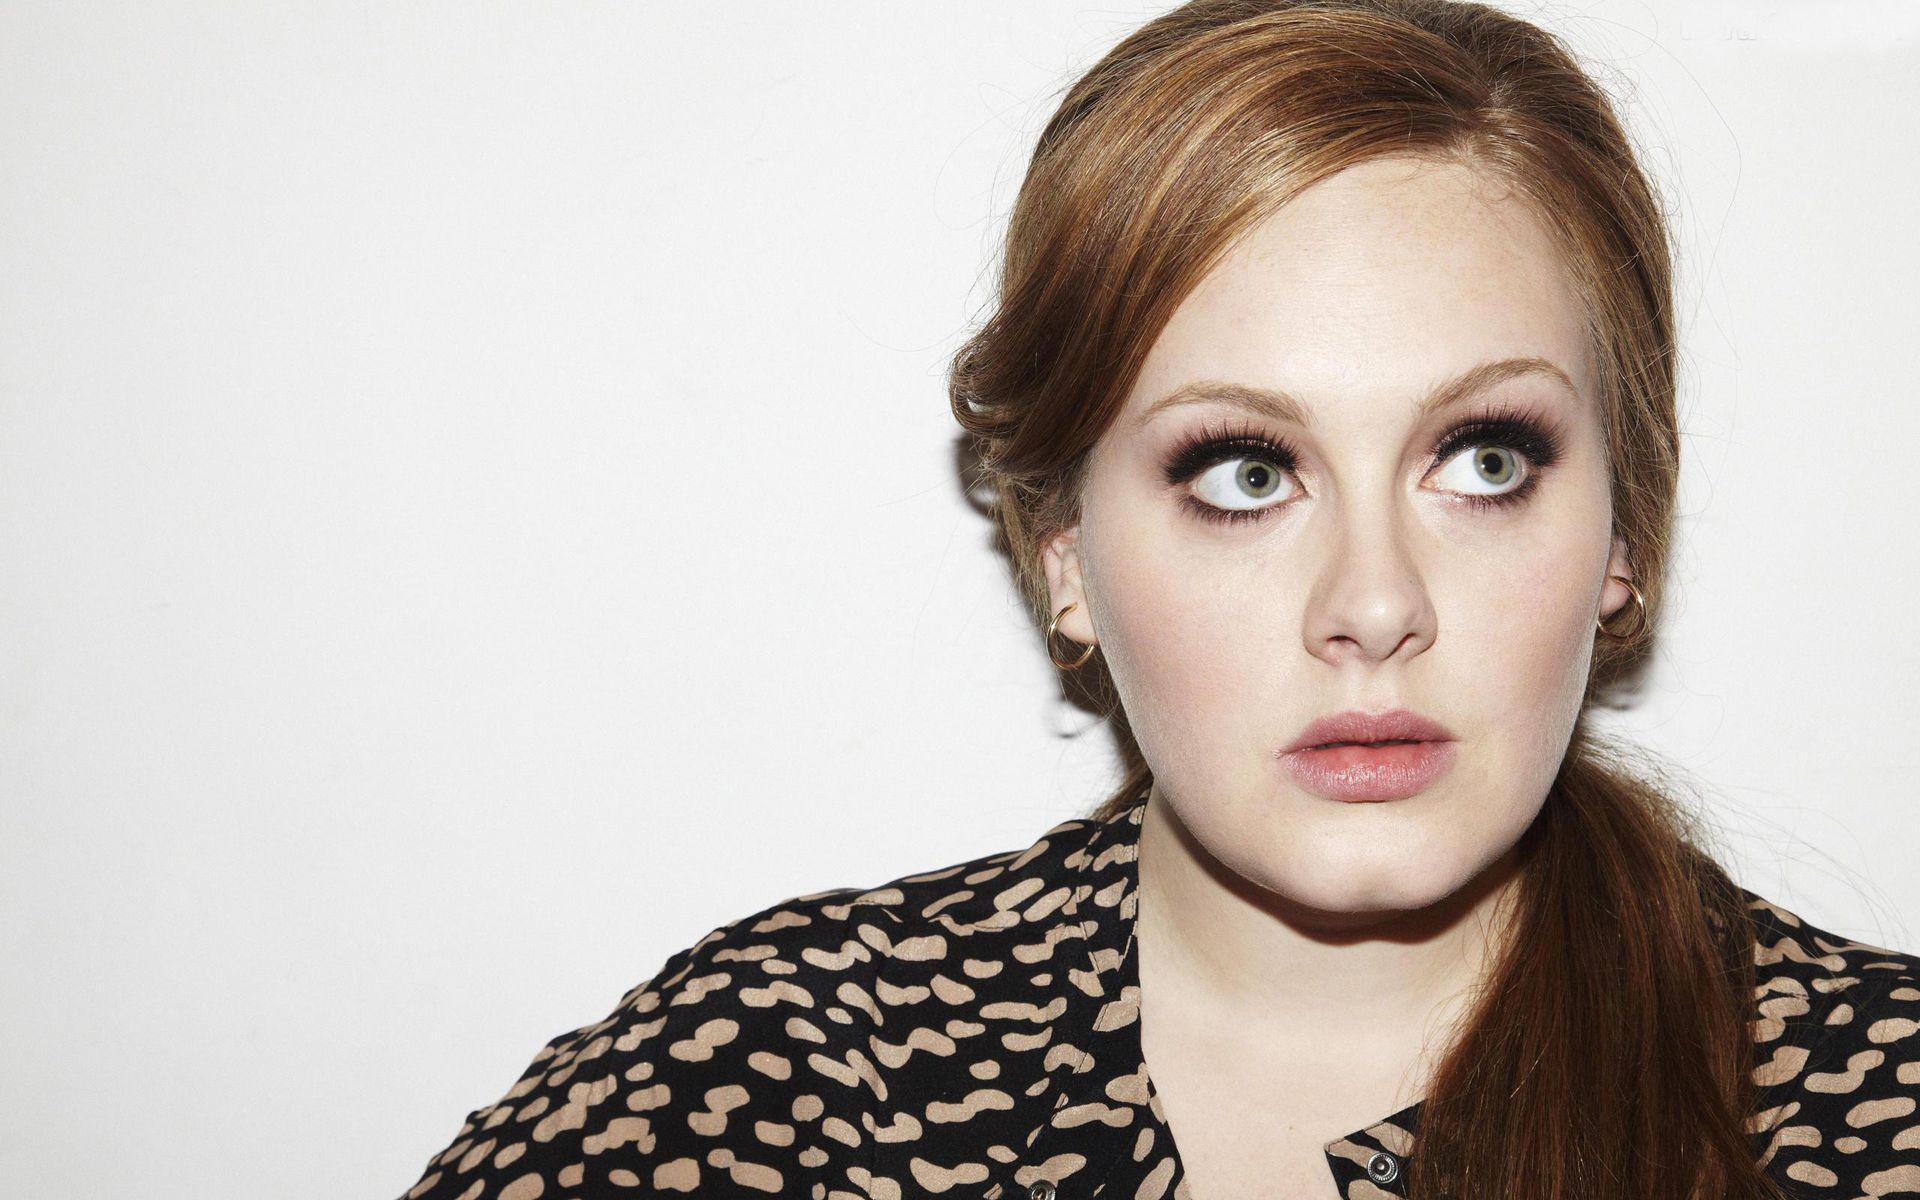 Adele Wallpaper @ go4celebrity.com